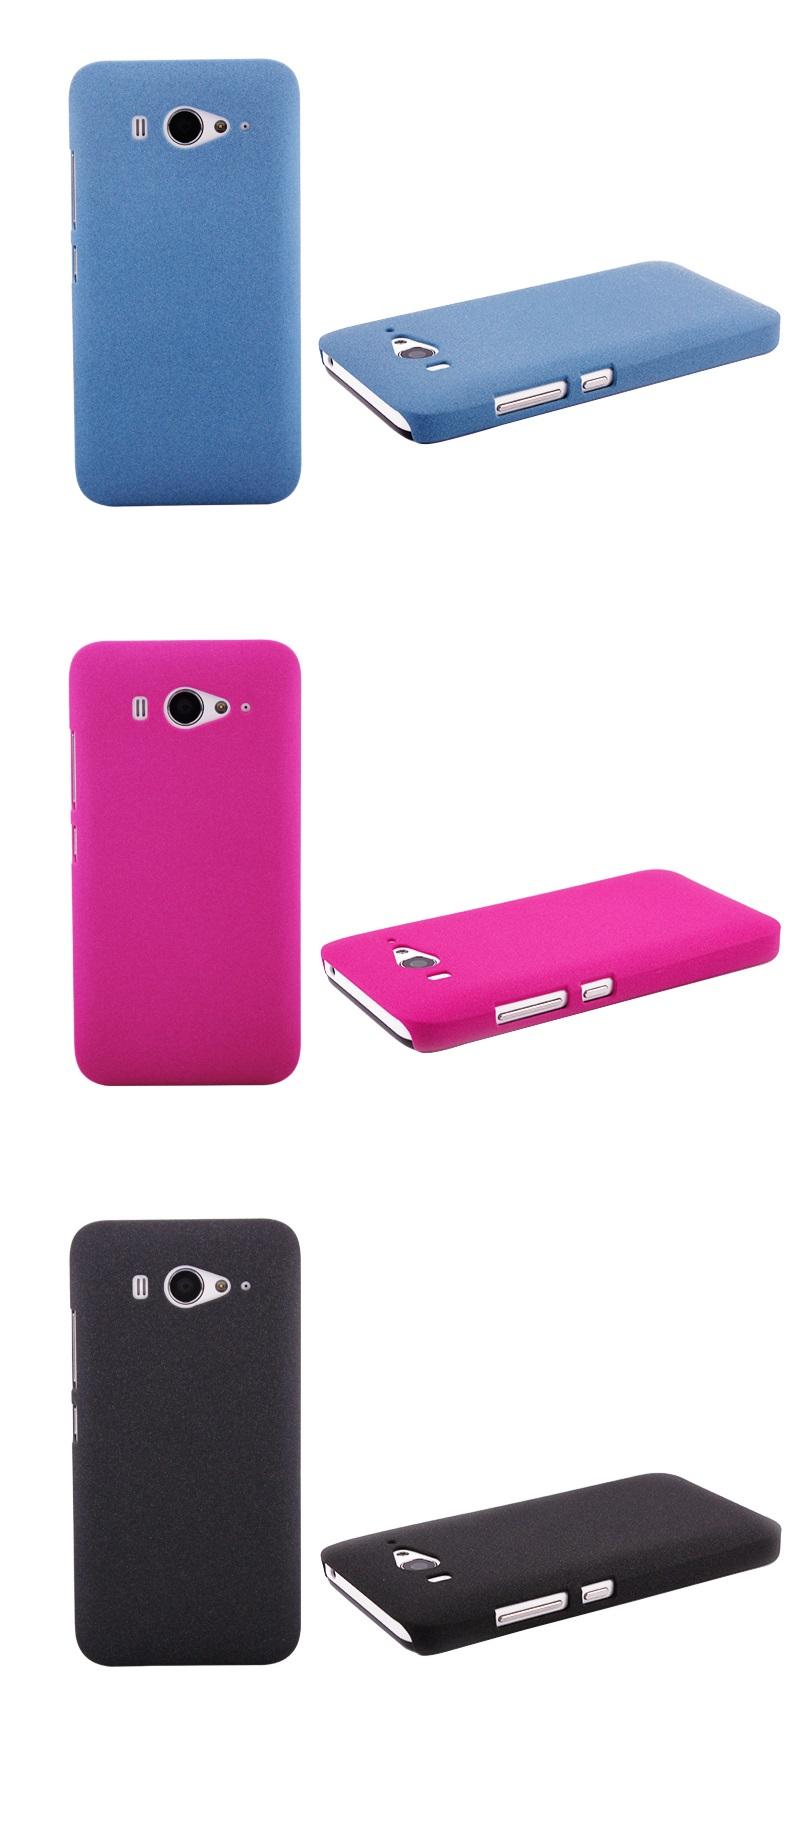 เคสแข็ง Xiaomi MI2 และ Xiaomi MI2S XM2S-H002 - Omega Case 2